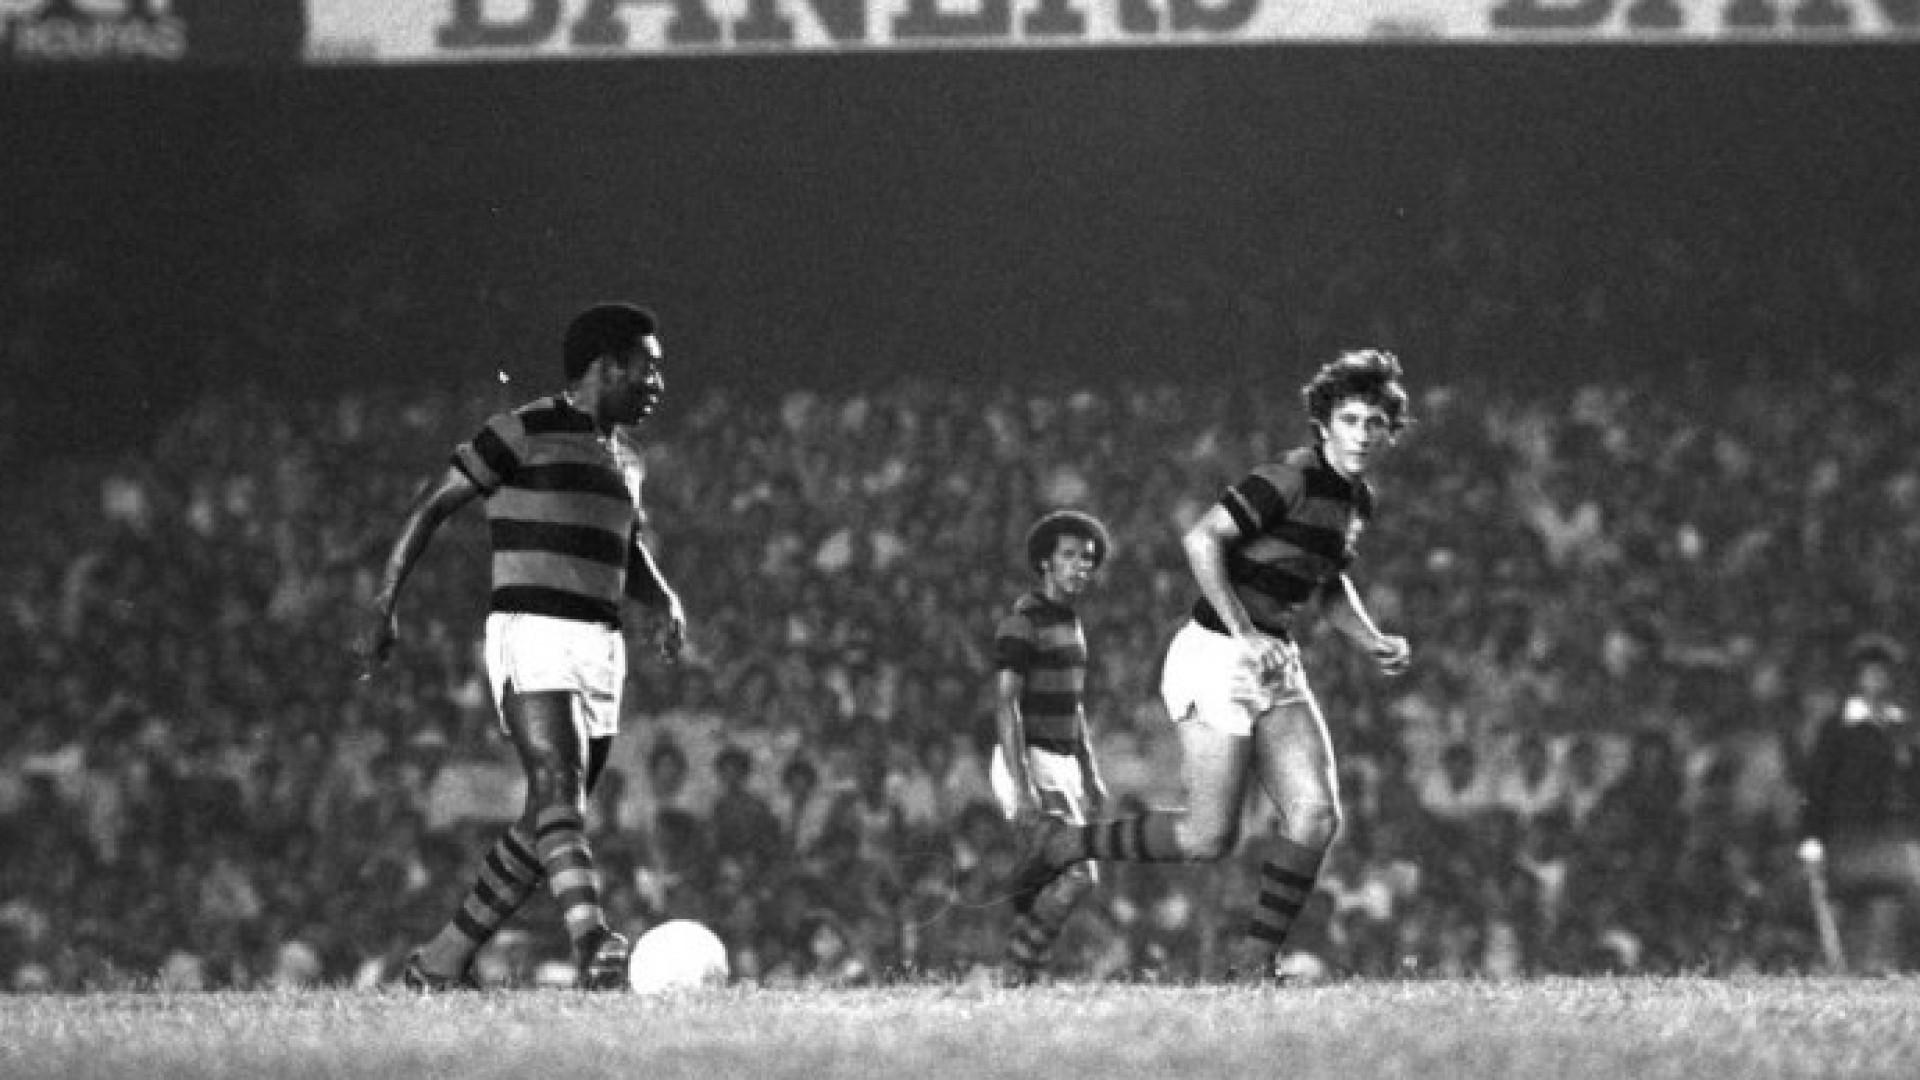 Há 40 anos, Pelé vestiu a 10 do Fla e negou pênalti no Maracanã